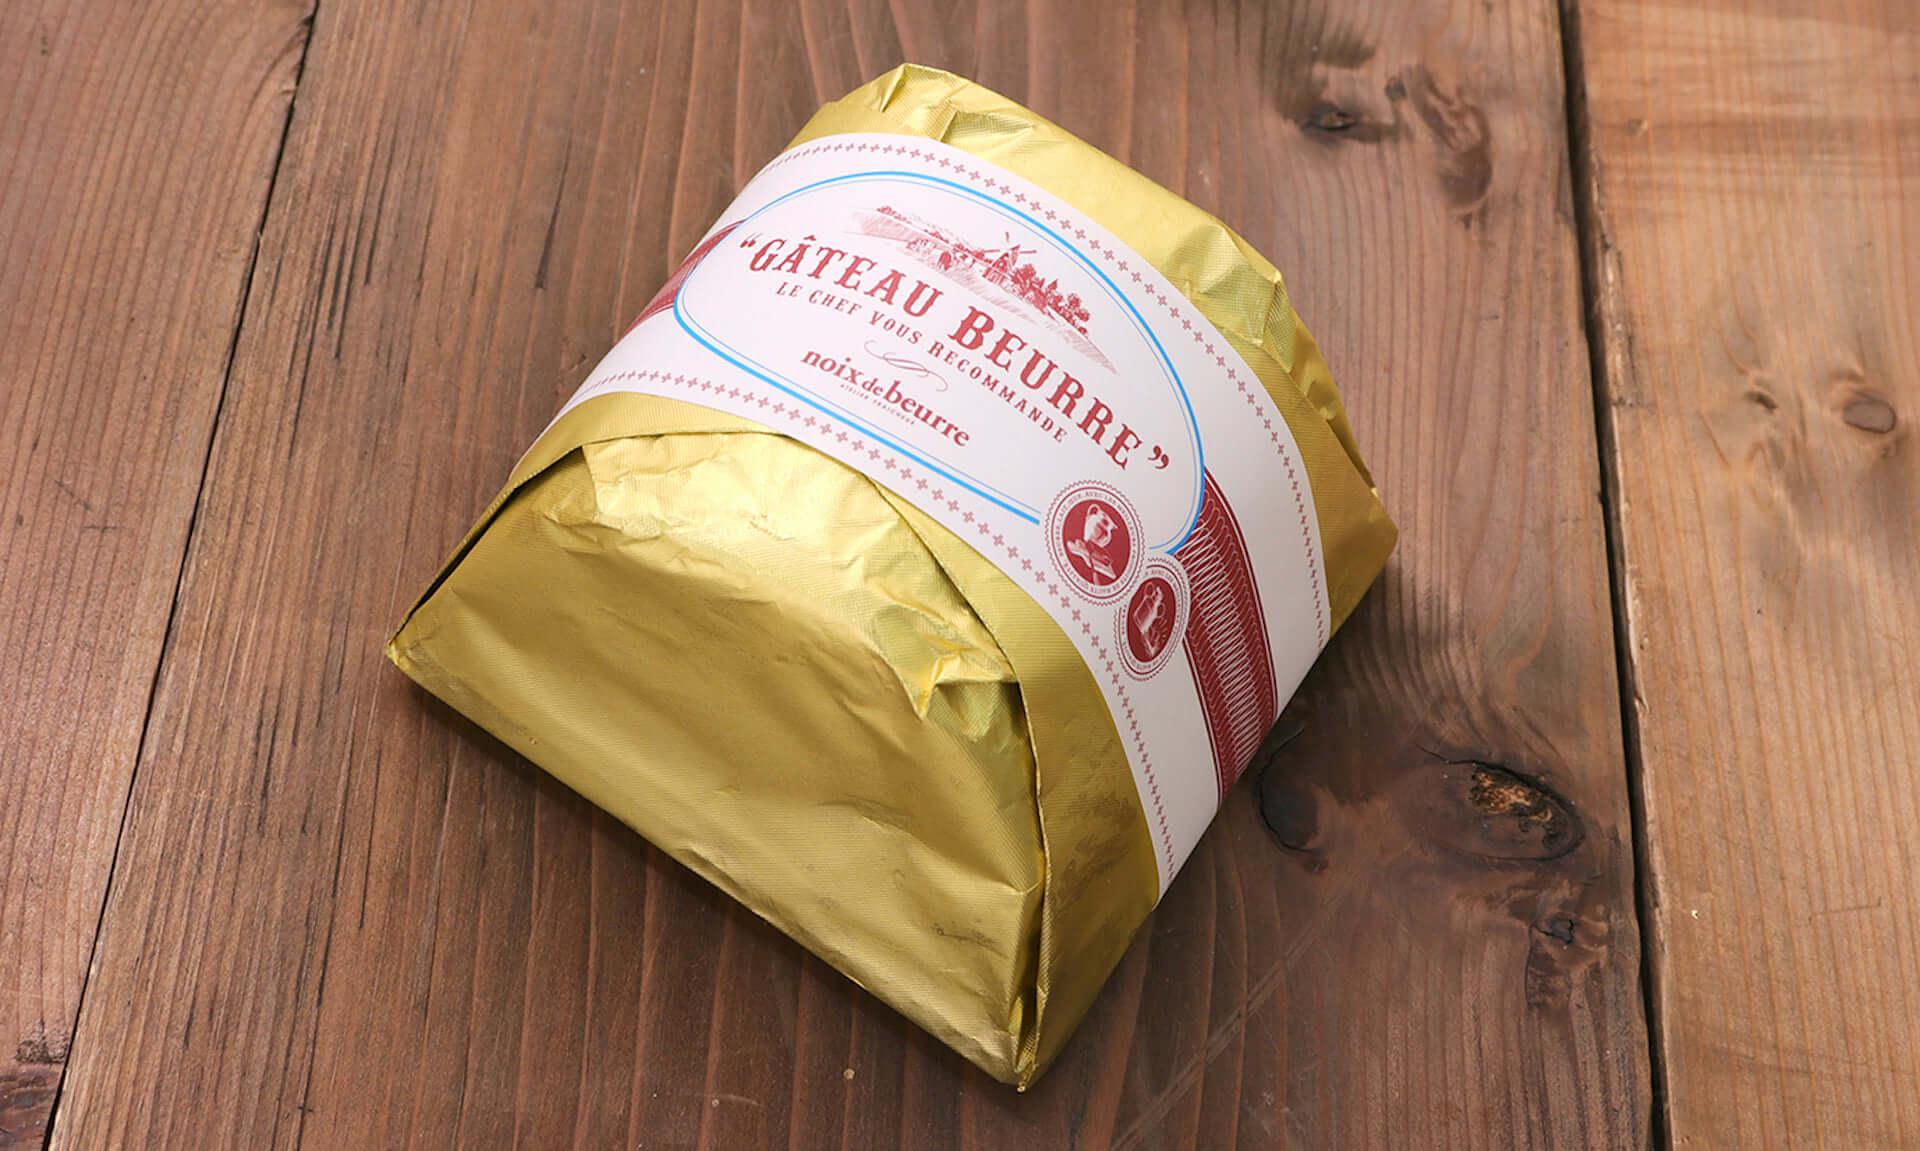 10周年を迎える洋菓子ブランド「ノワ・ドゥ・ブール」から特製バタークリームのケーキ『ガトー・ブール』が発売決定! gourmet210322_noix-de-beurre_1-1920x1151